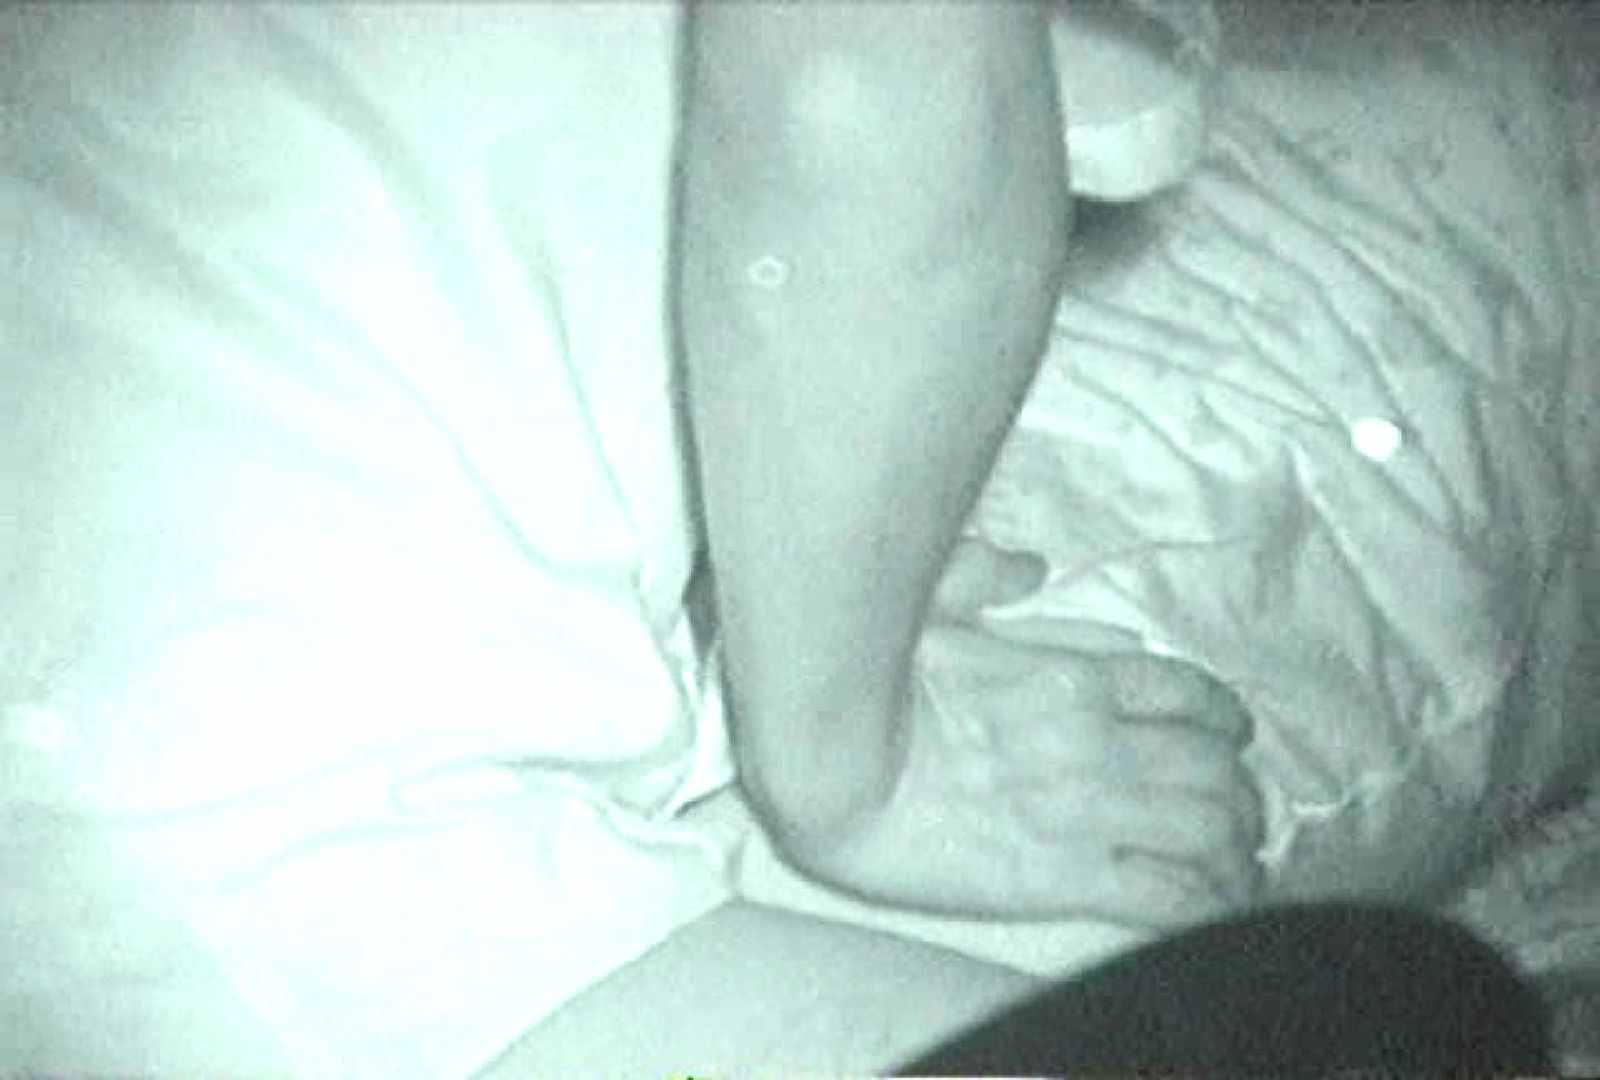 充血監督の深夜の運動会Vol.61 おっぱい 盗撮オメコ無修正動画無料 53画像 5